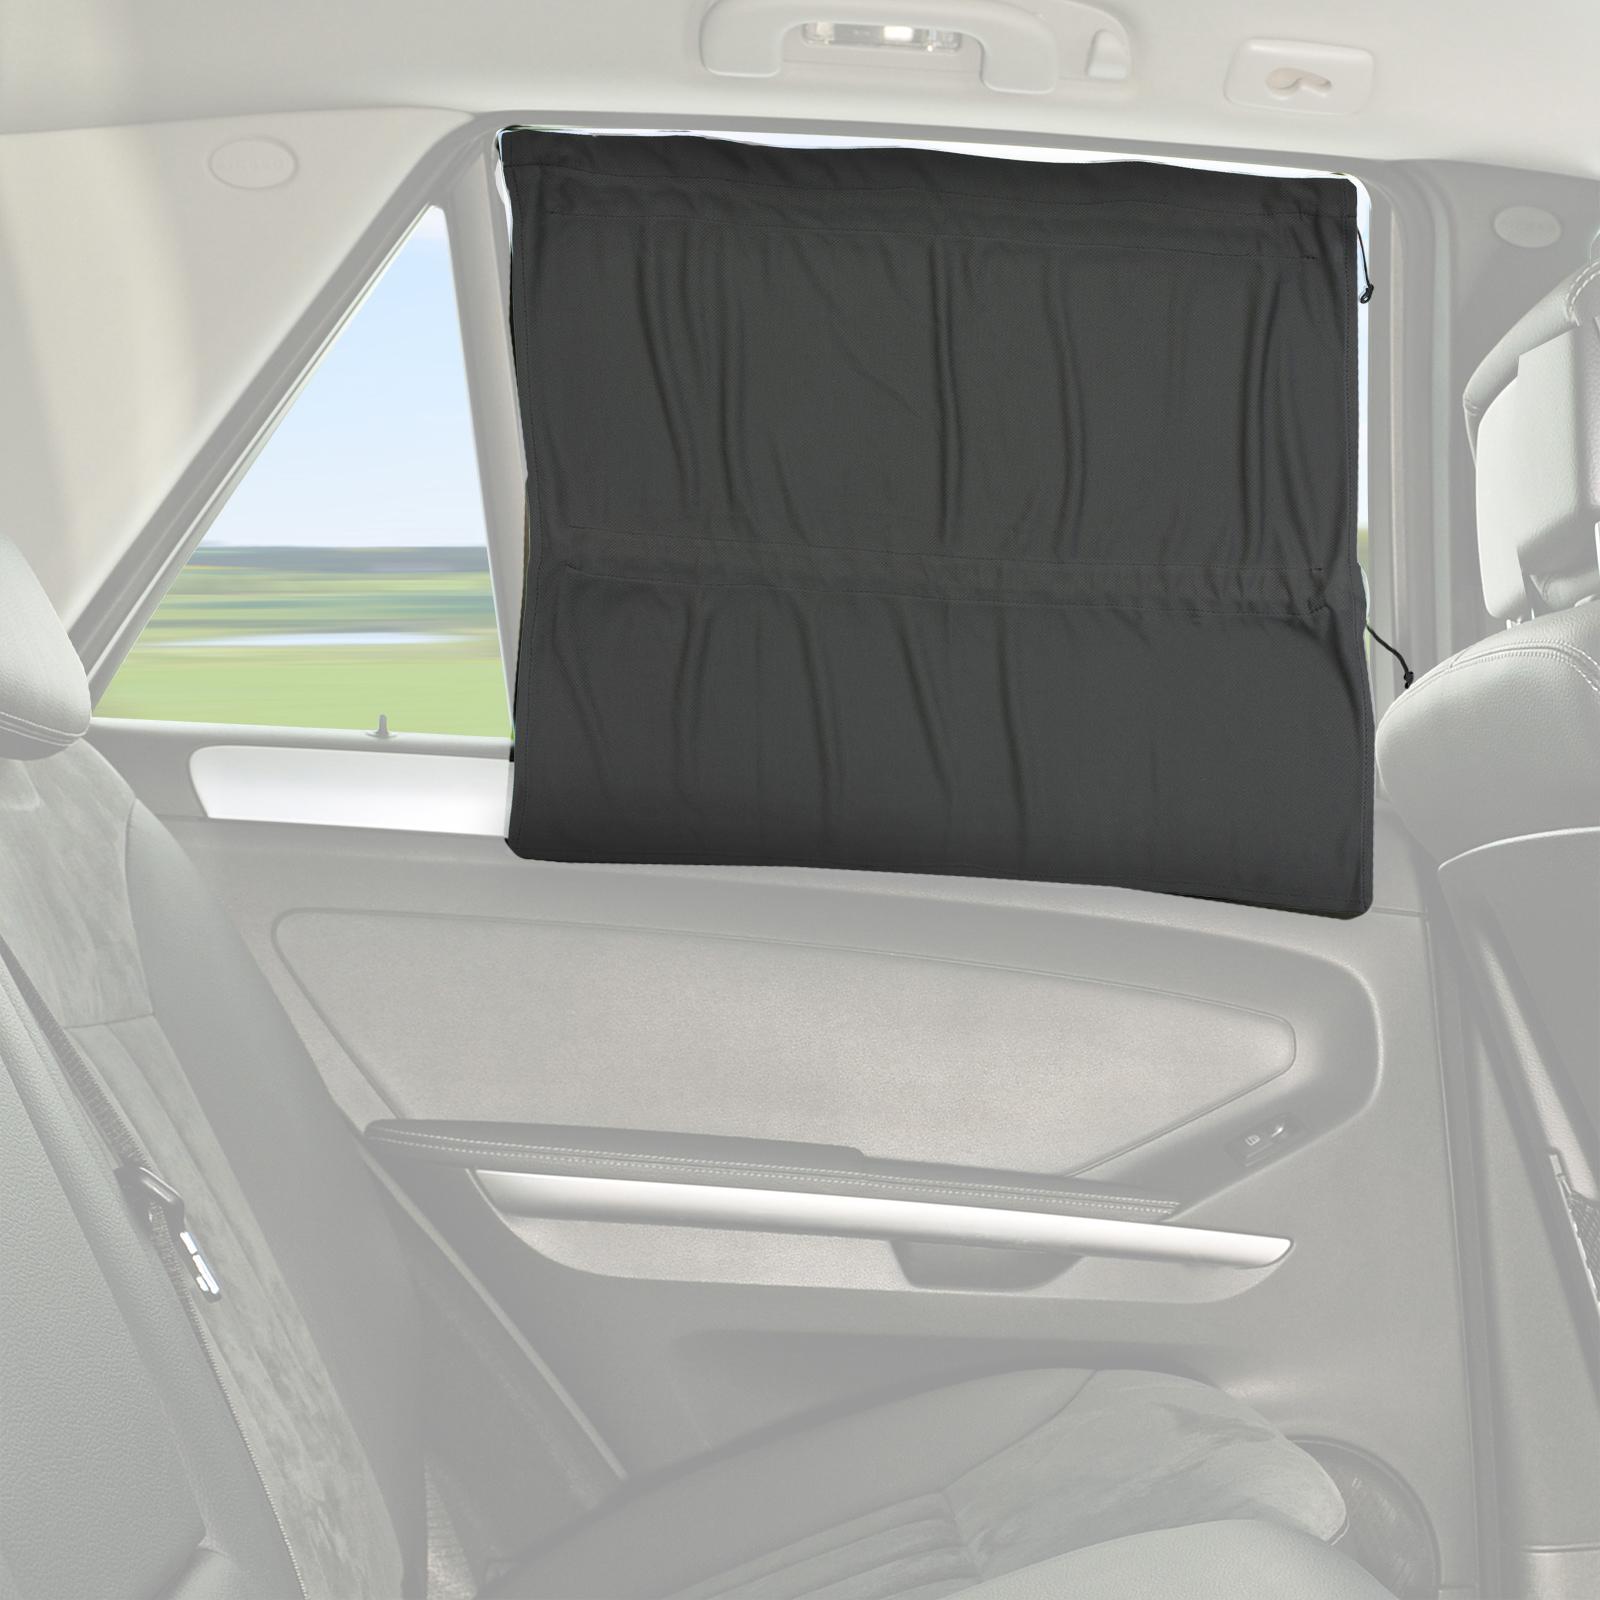 Zatahovací sluneční clona do auta, 30105